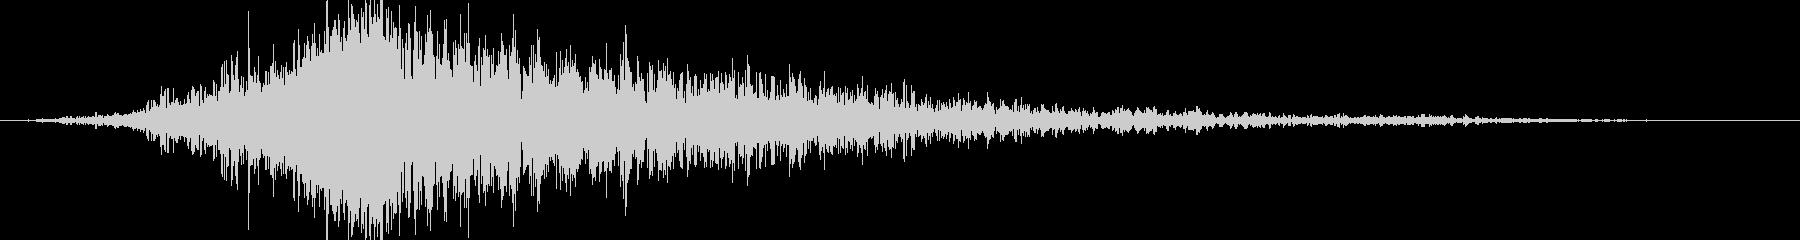 迫力あるハイブリット音:オープニングロゴの未再生の波形